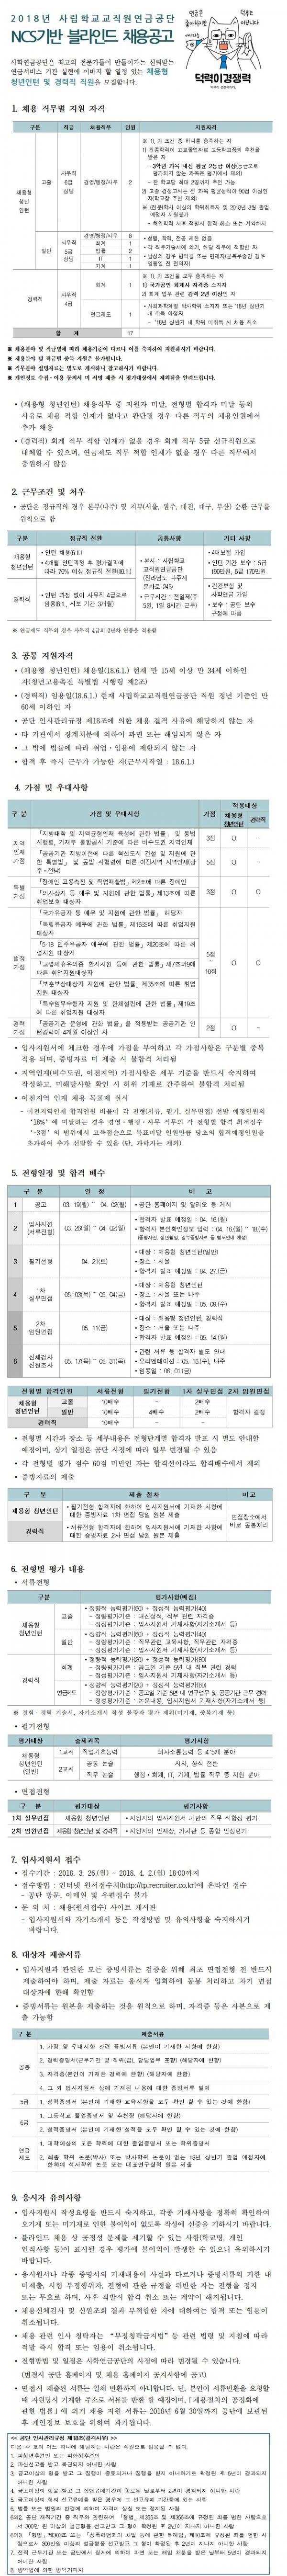 [사학연금] 2018년 사립학교교직원연금공단 NCS 기반 블라인드 채용 (채용형 청년인턴/경력직)